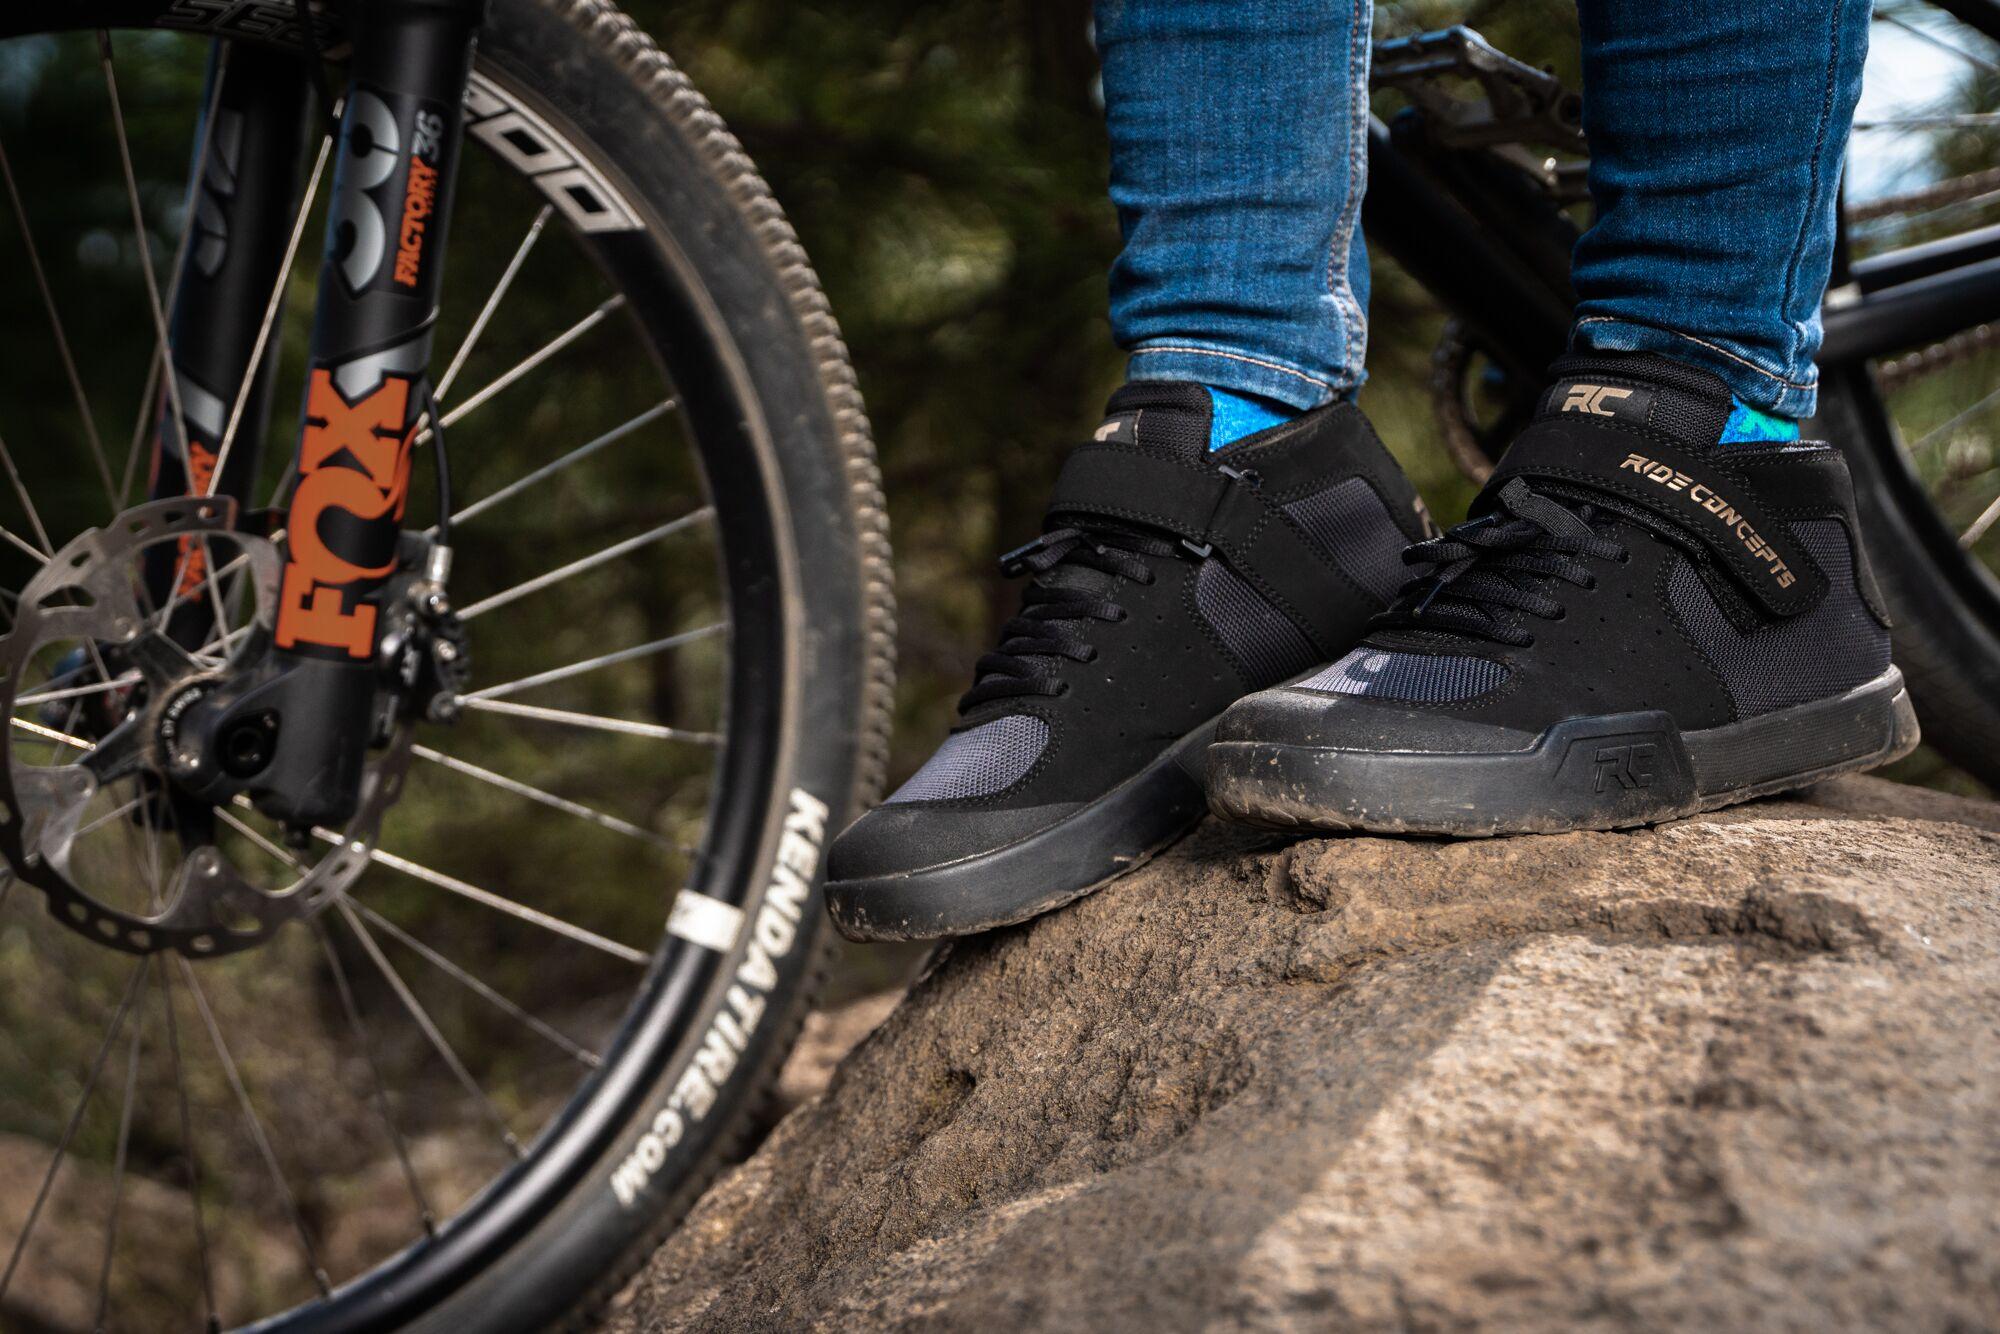 Ride concepts Mens Bike Shoes Wildcat Mountain Bike MTB Cycling Shoes